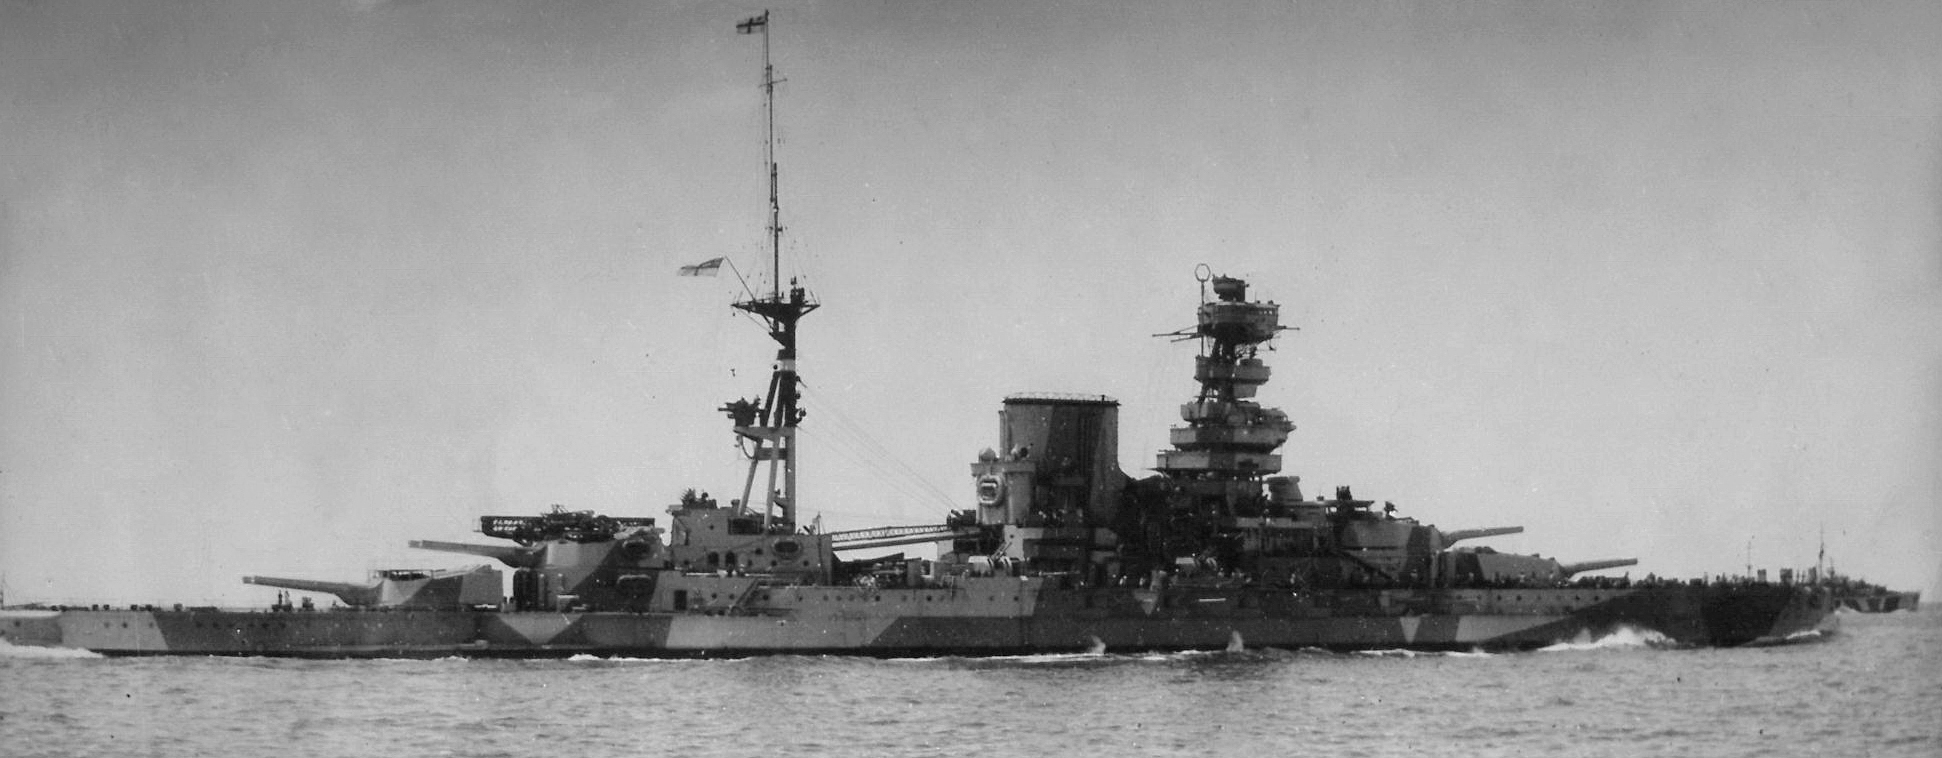 barham sept 1941